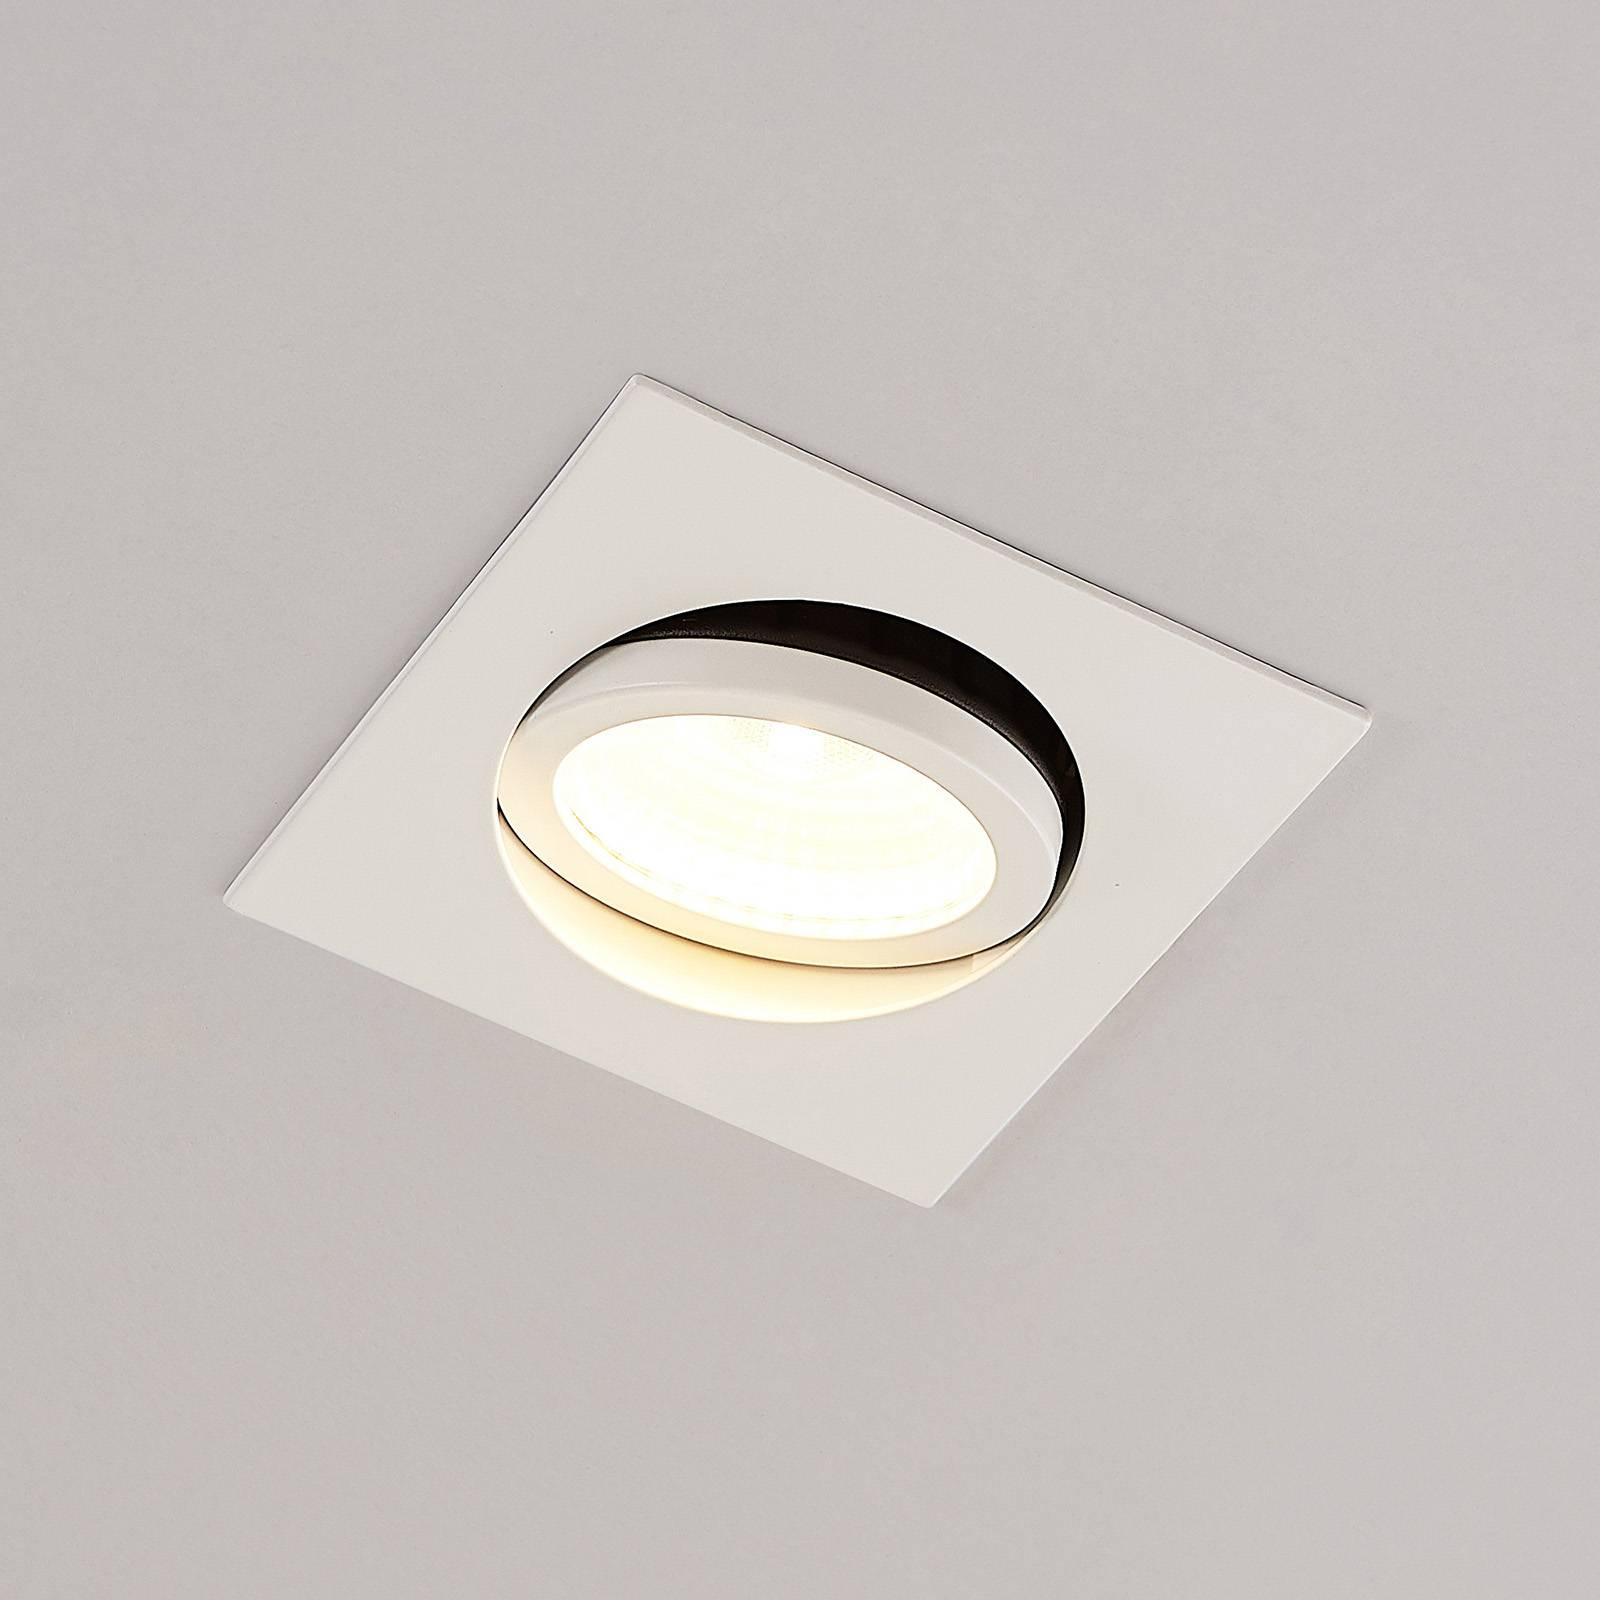 Arcchio Dacio LED-alasvalo kulmikas 36° IP65 10,6W